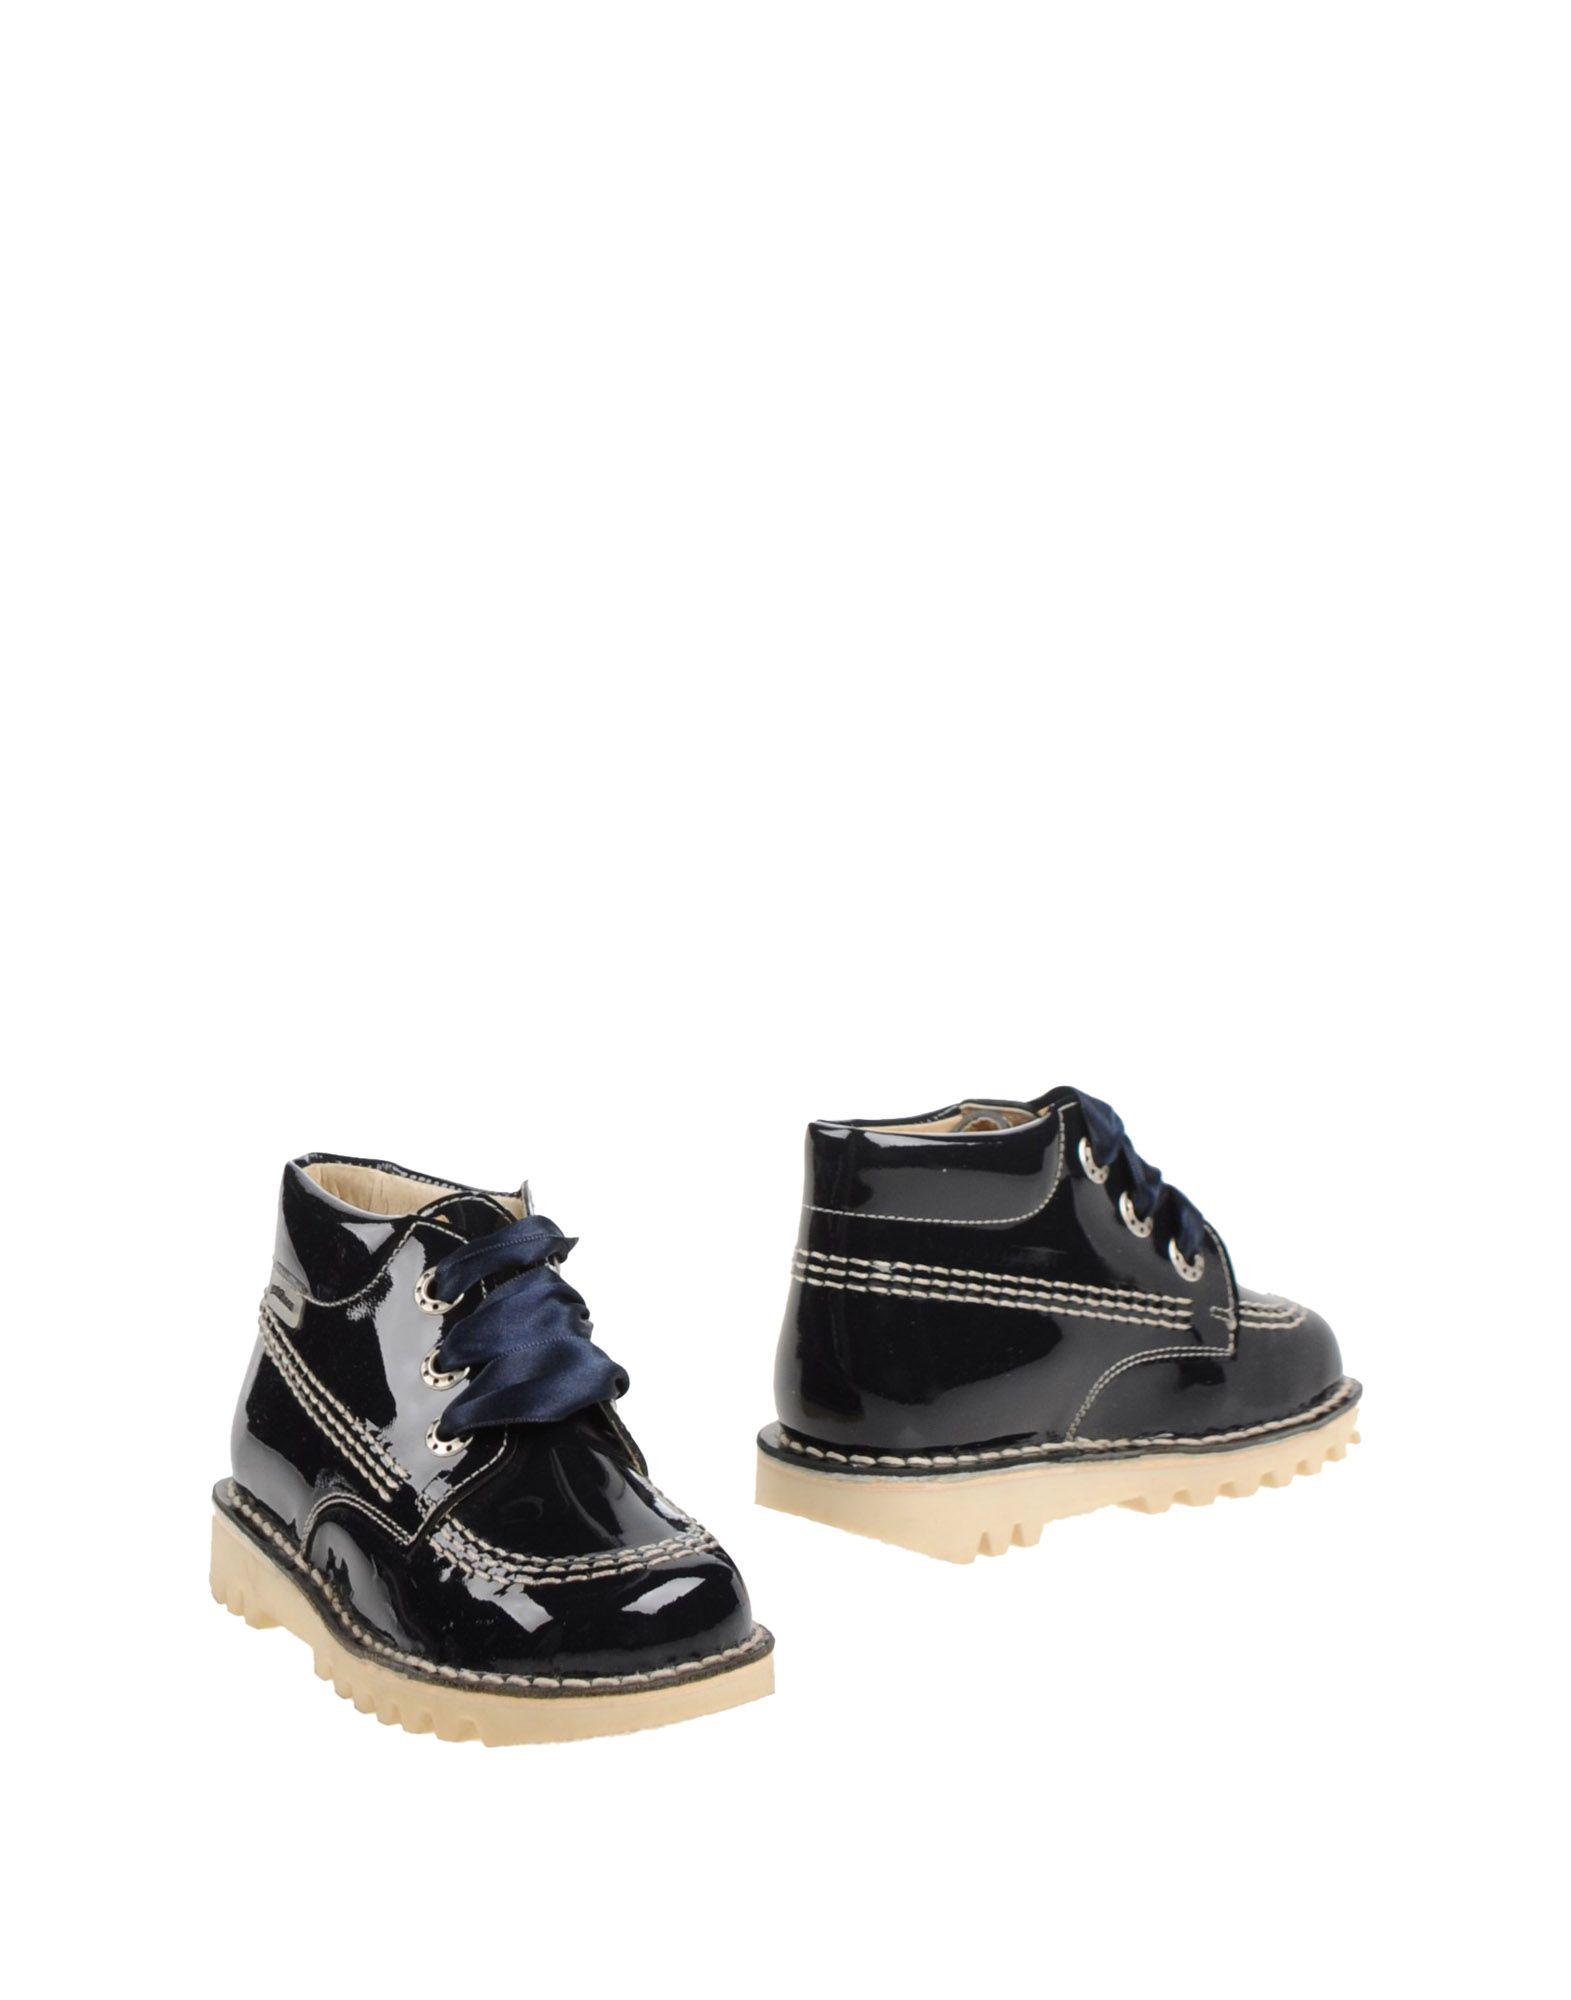 PETIT SHOES Ankle boots